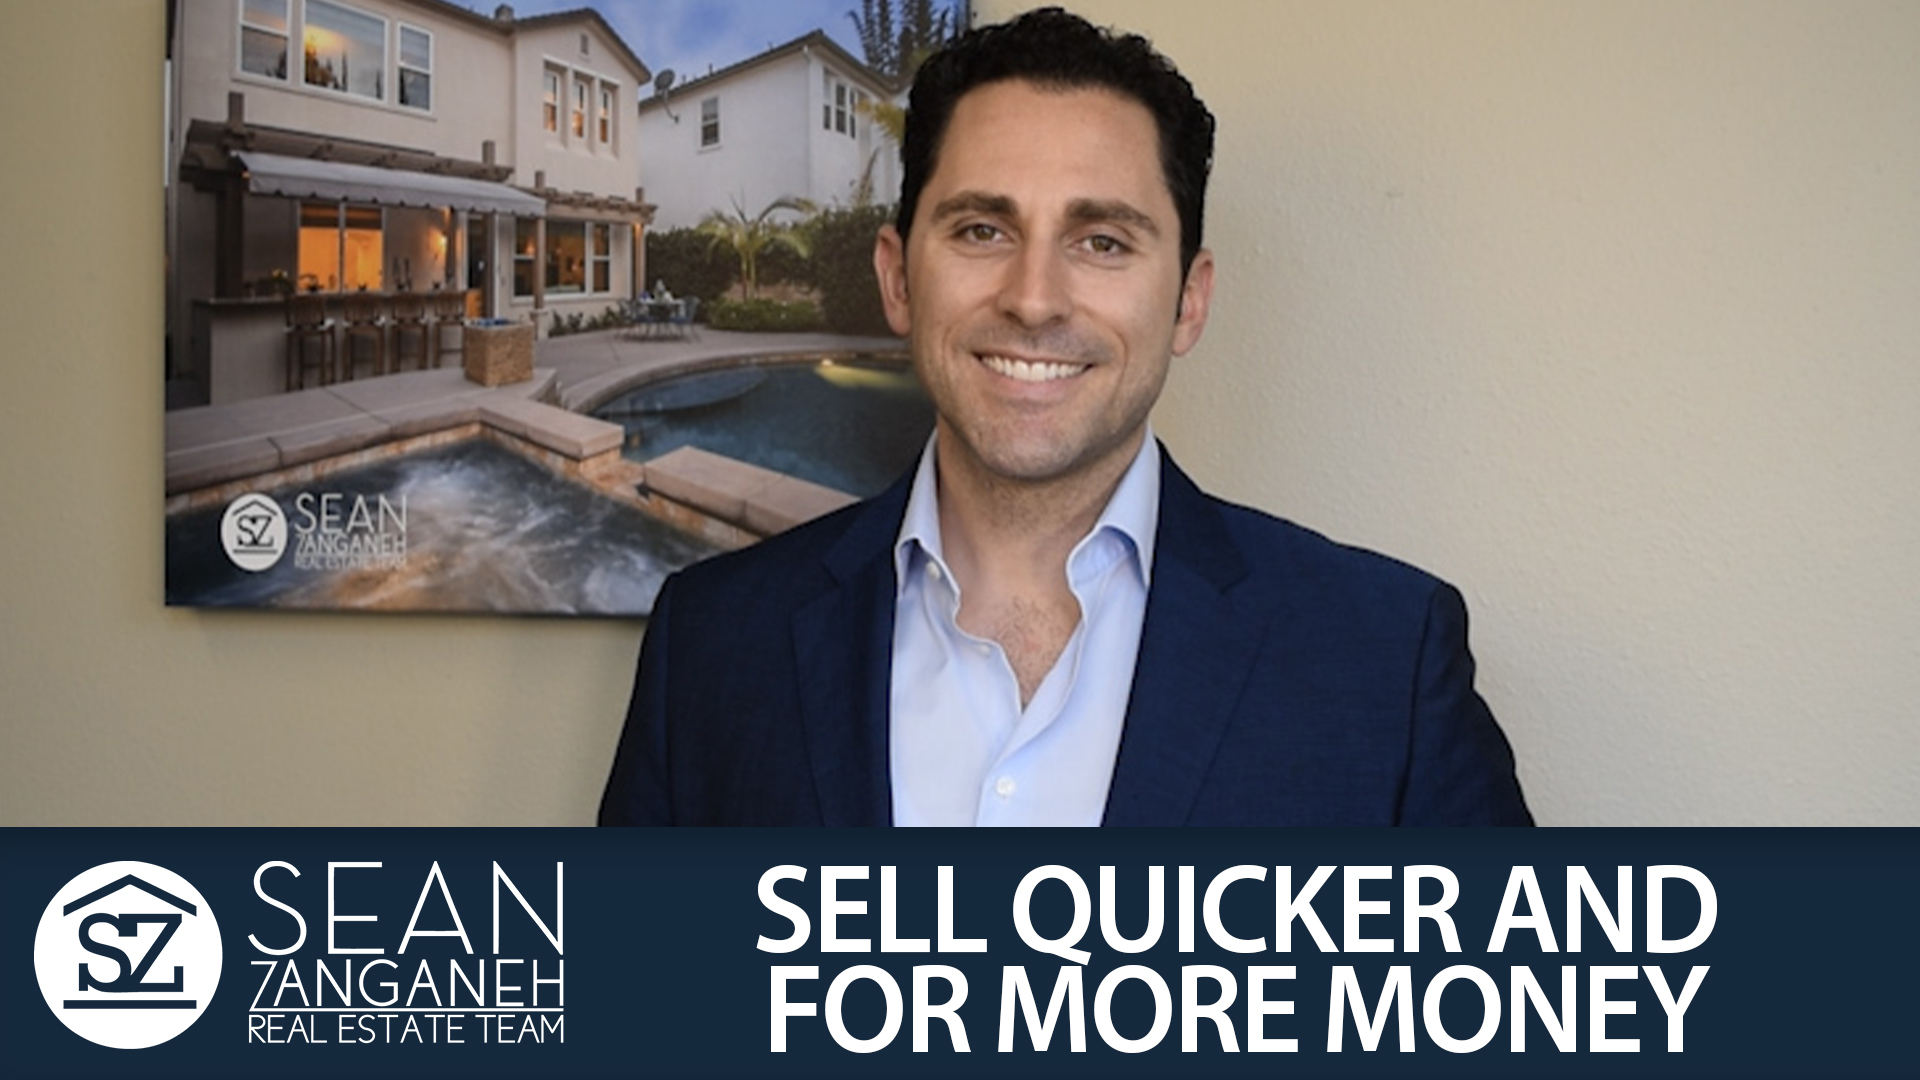 Sean Zanganeh Real Estate Video Blog